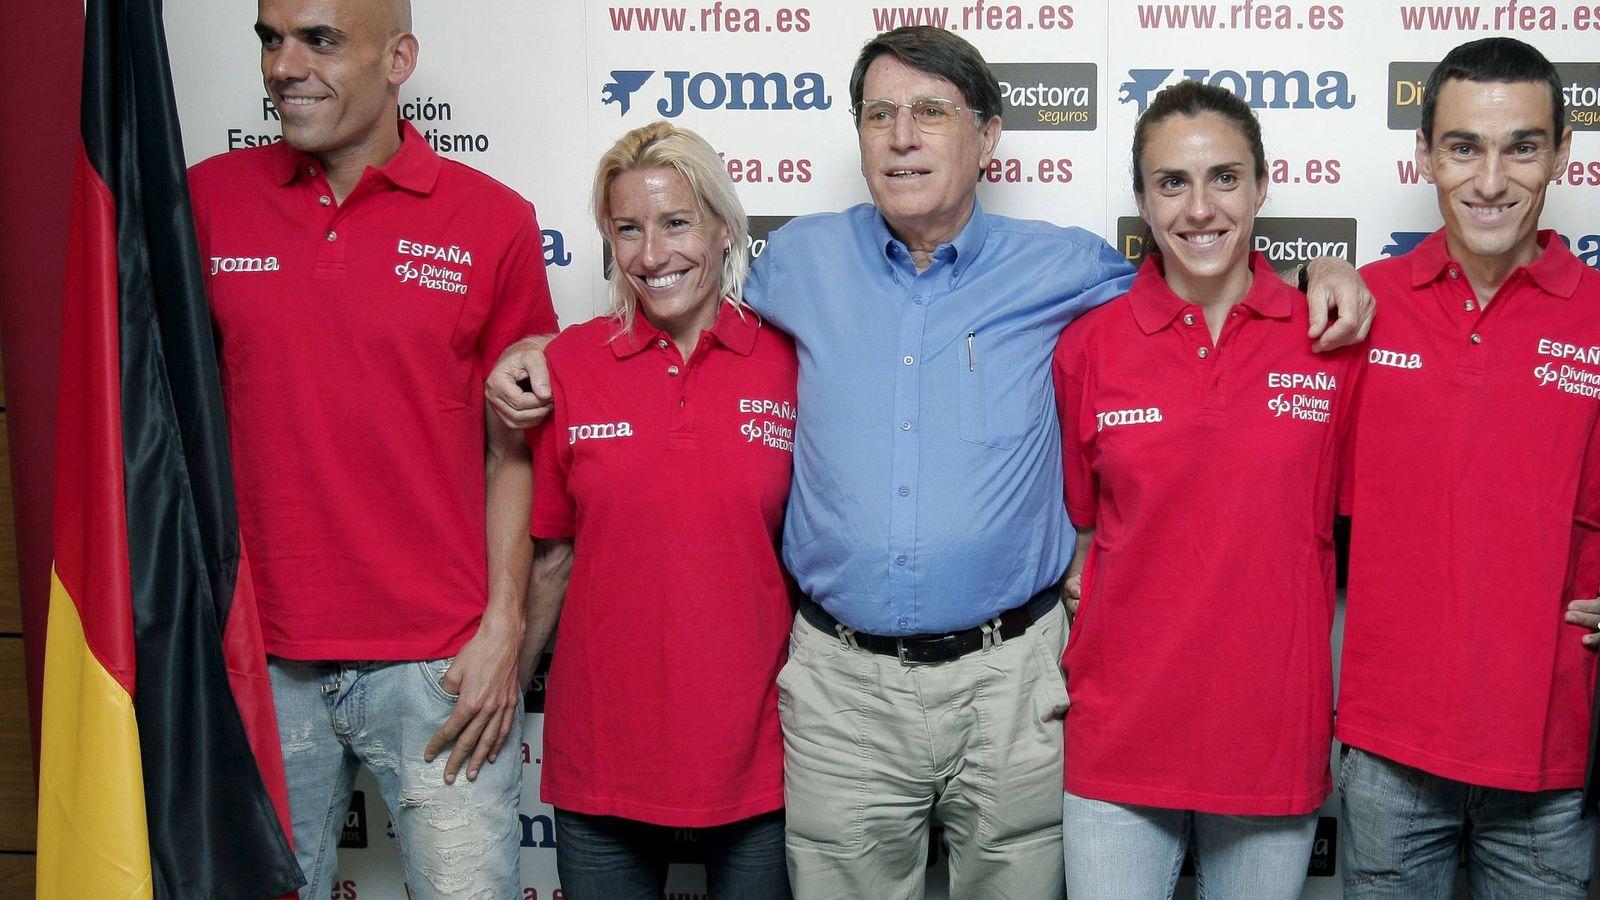 Foto: Odriozola junto a Marta Domínguez y otros atletas en una imagen tomada antes del Mundial de Berlín 2009 (Emilio Naranjo/EFE)